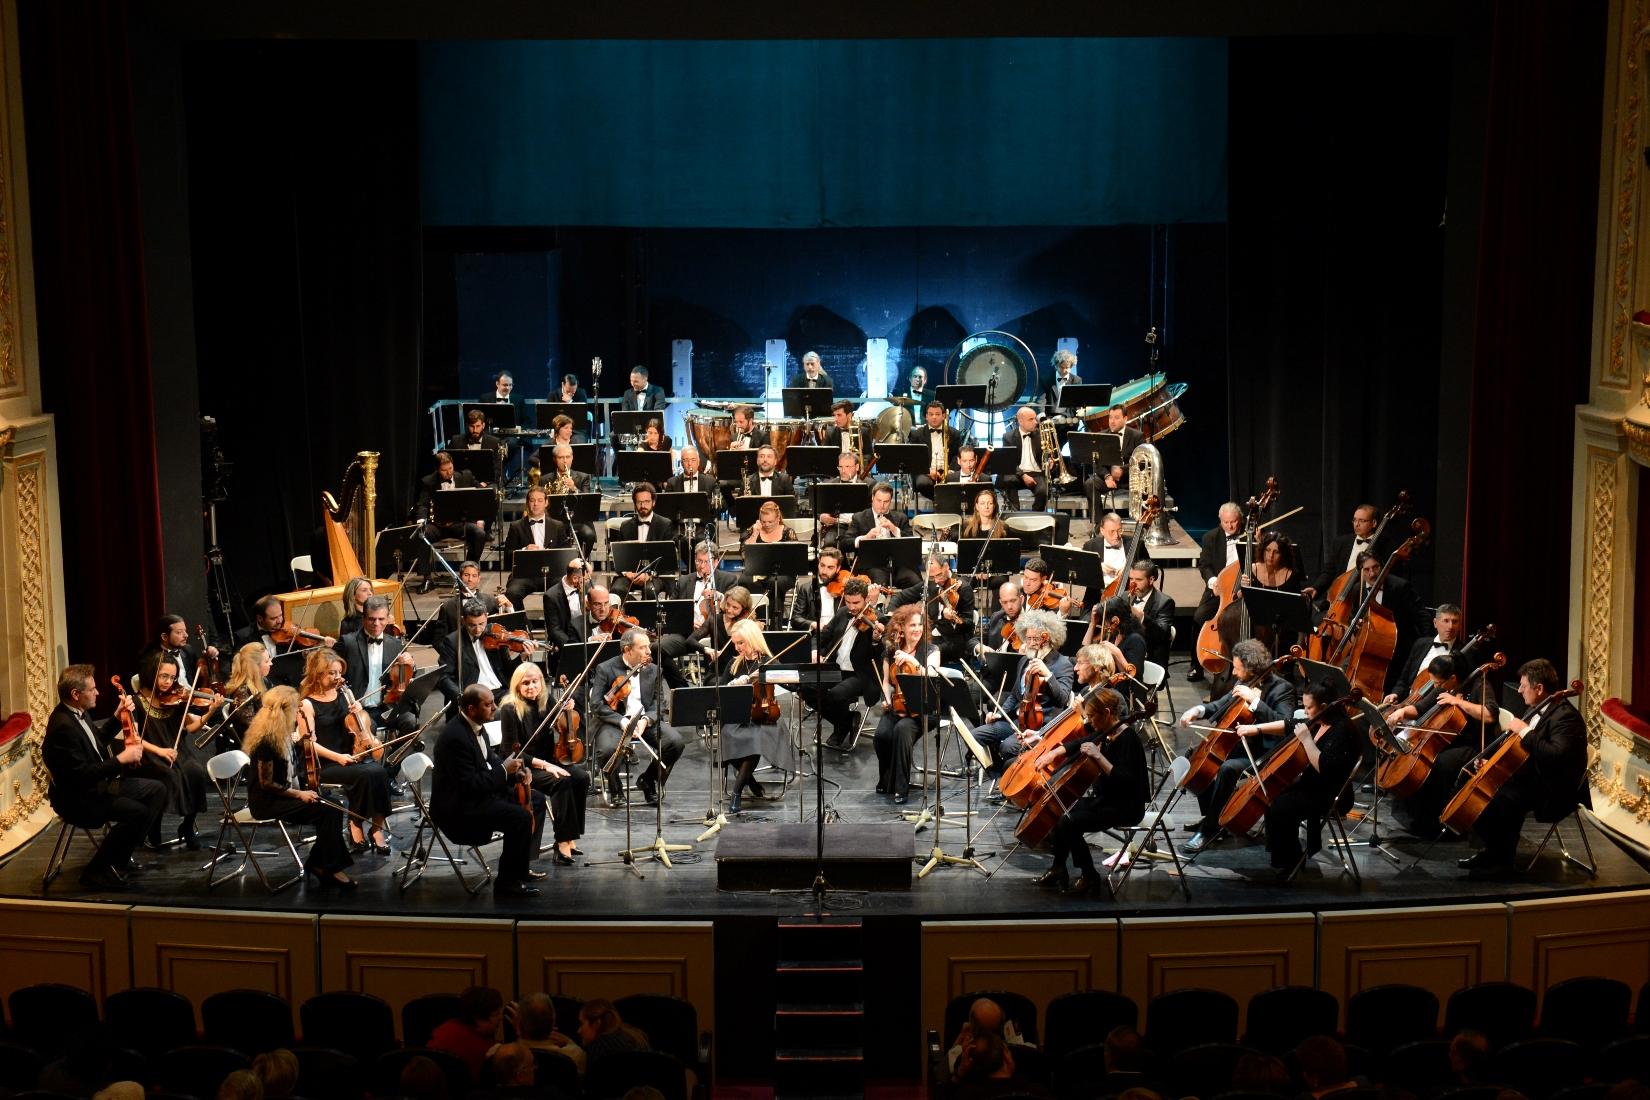 Εθνική-Συμφωνική-Ορχήστρα-της-ΕΡΤ-2